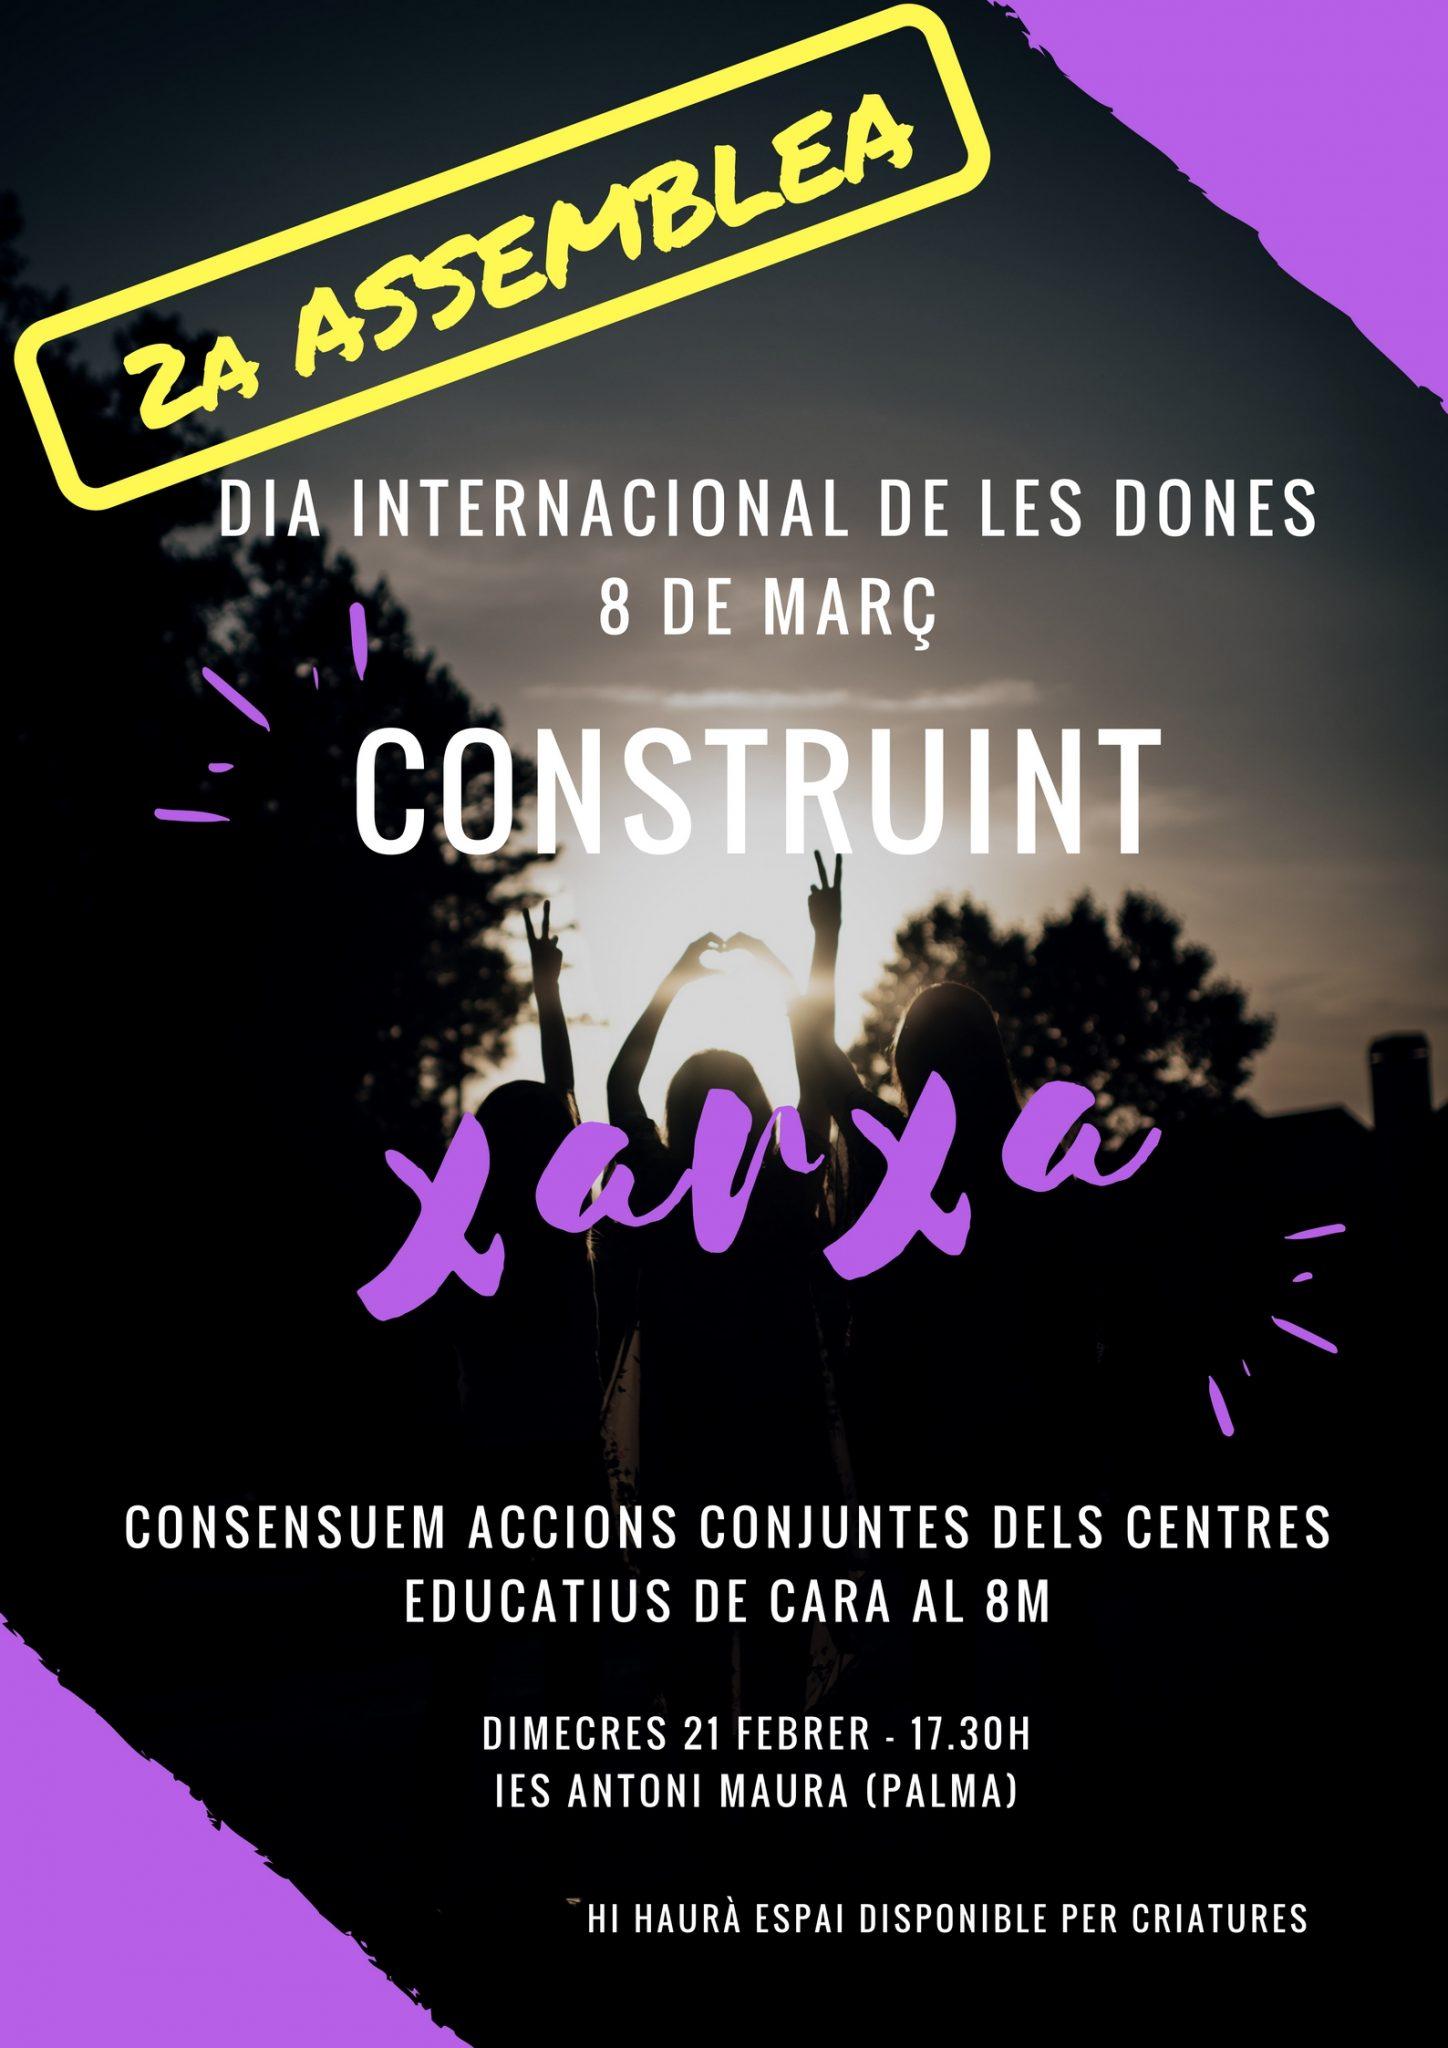 Segona assemblea vaga feminista als centres educatius (21-02-18)